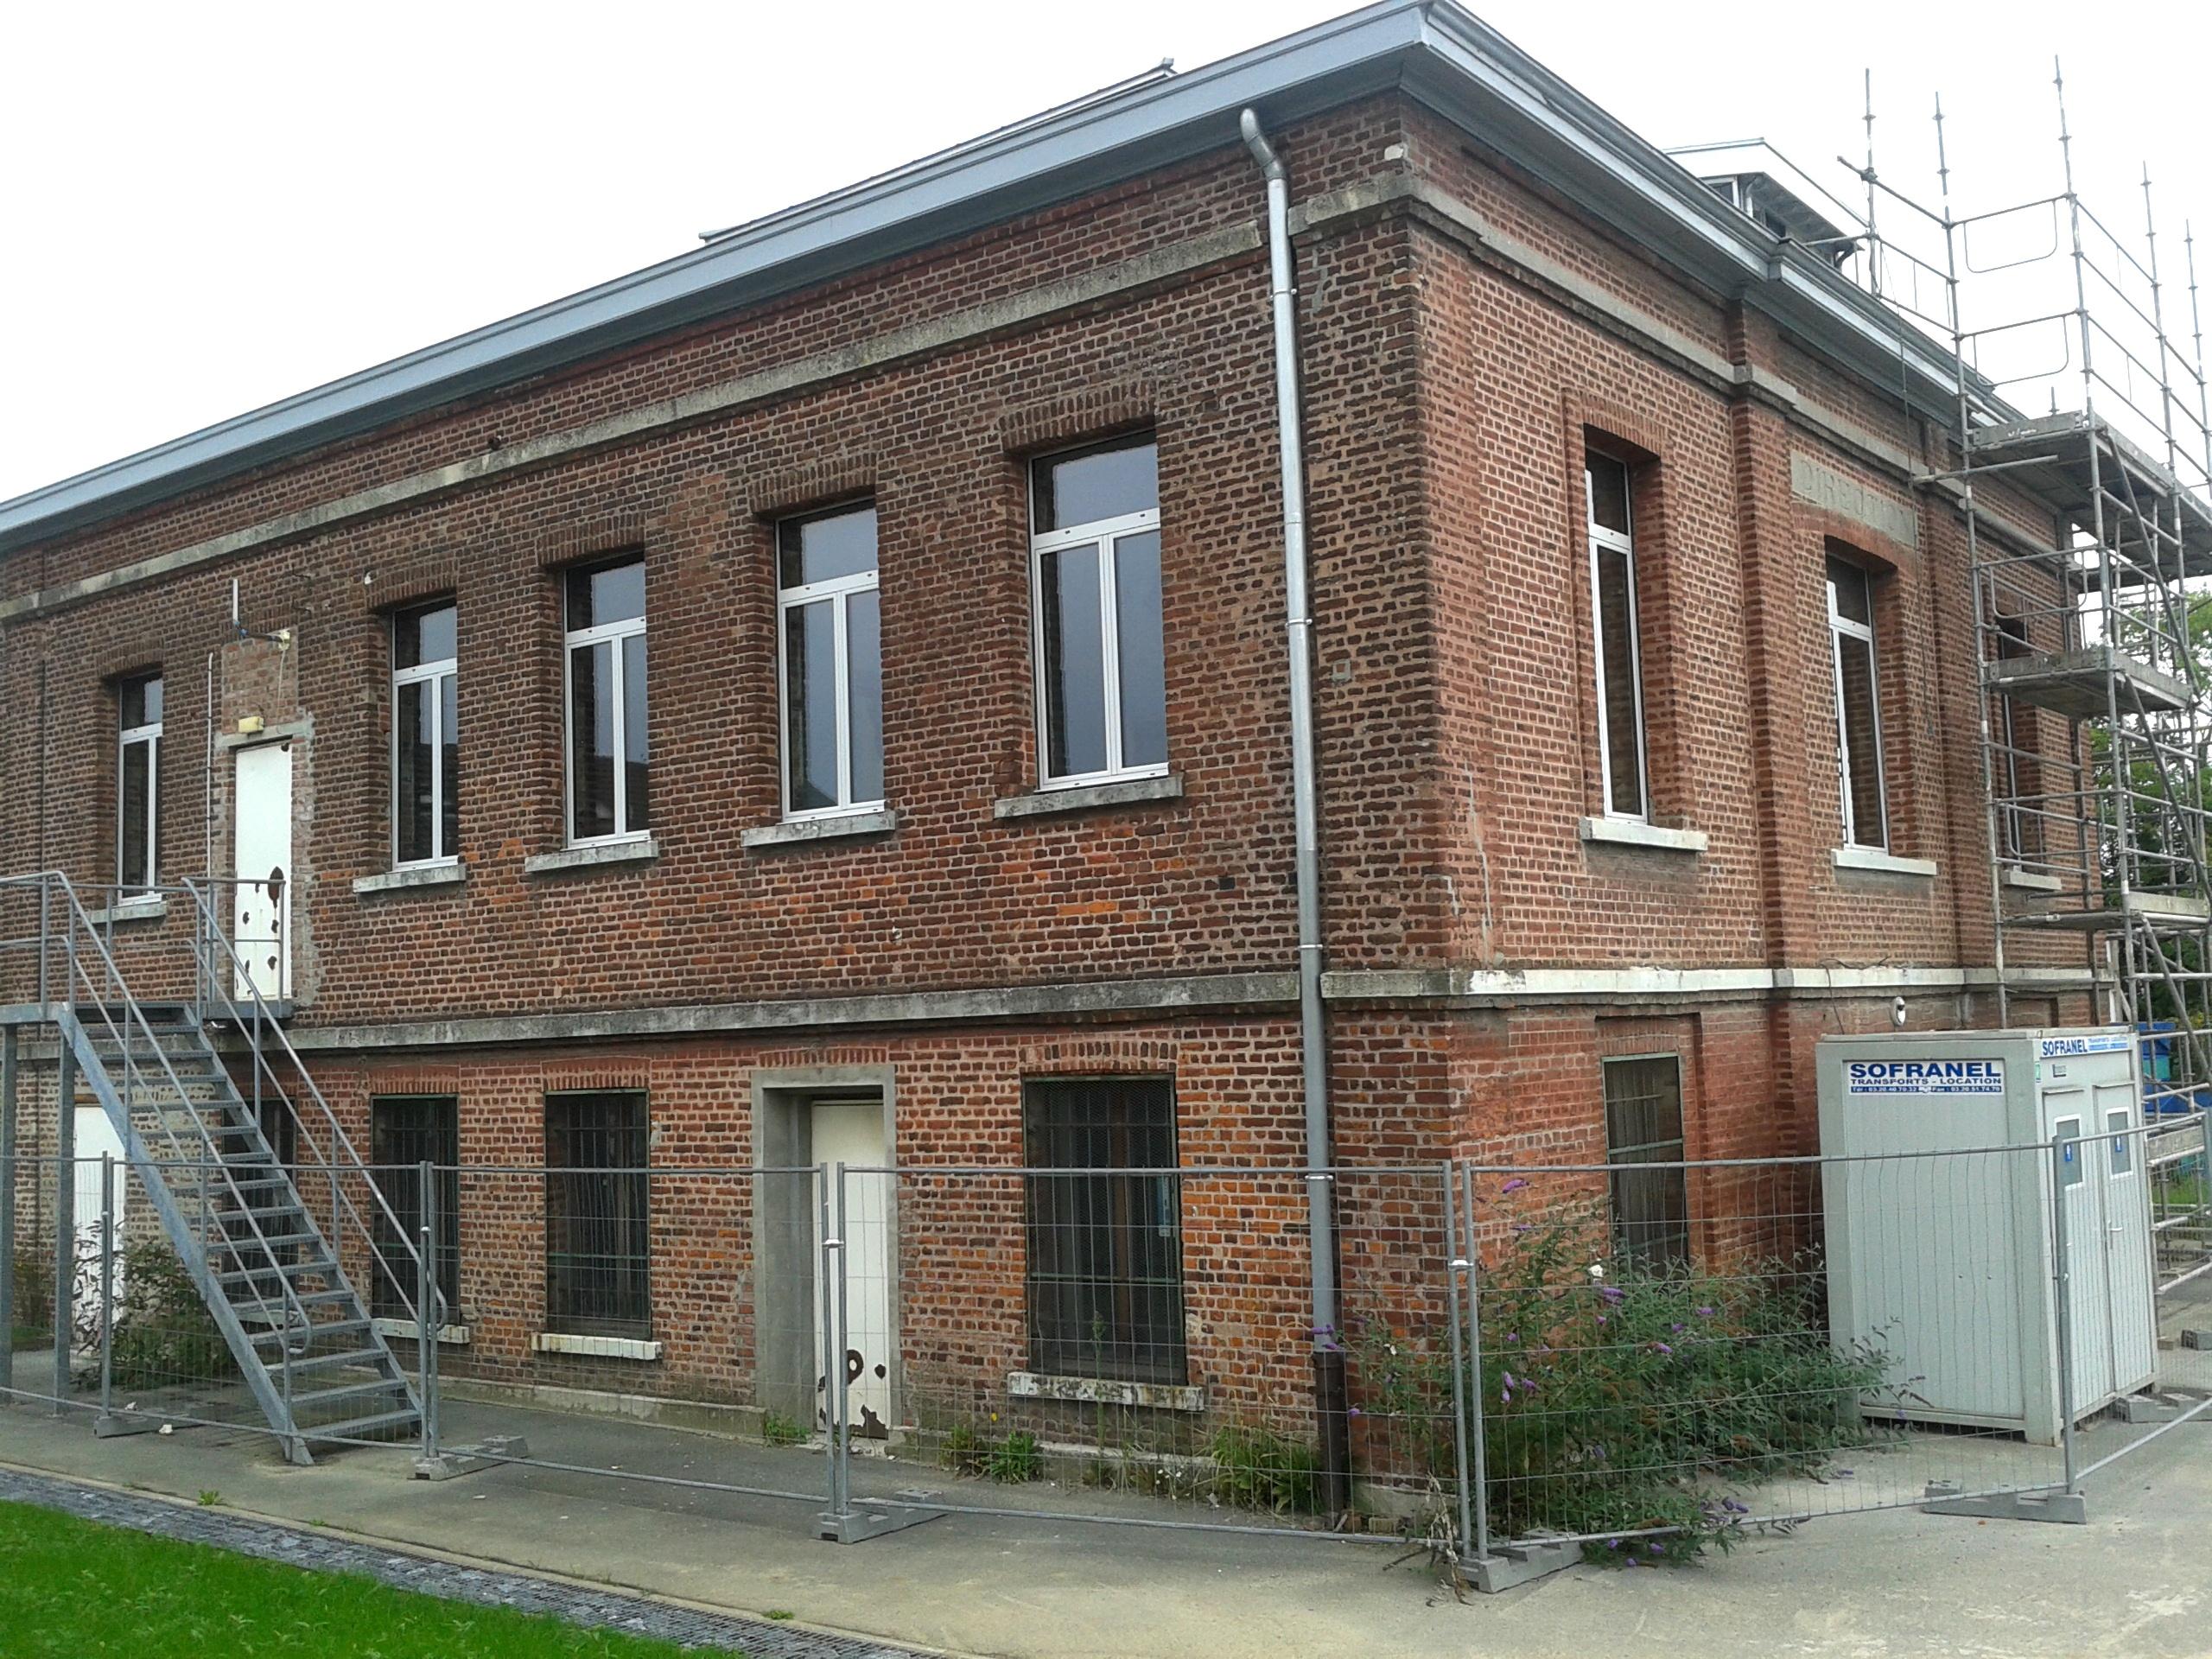 Maison des associations 30 août 2014